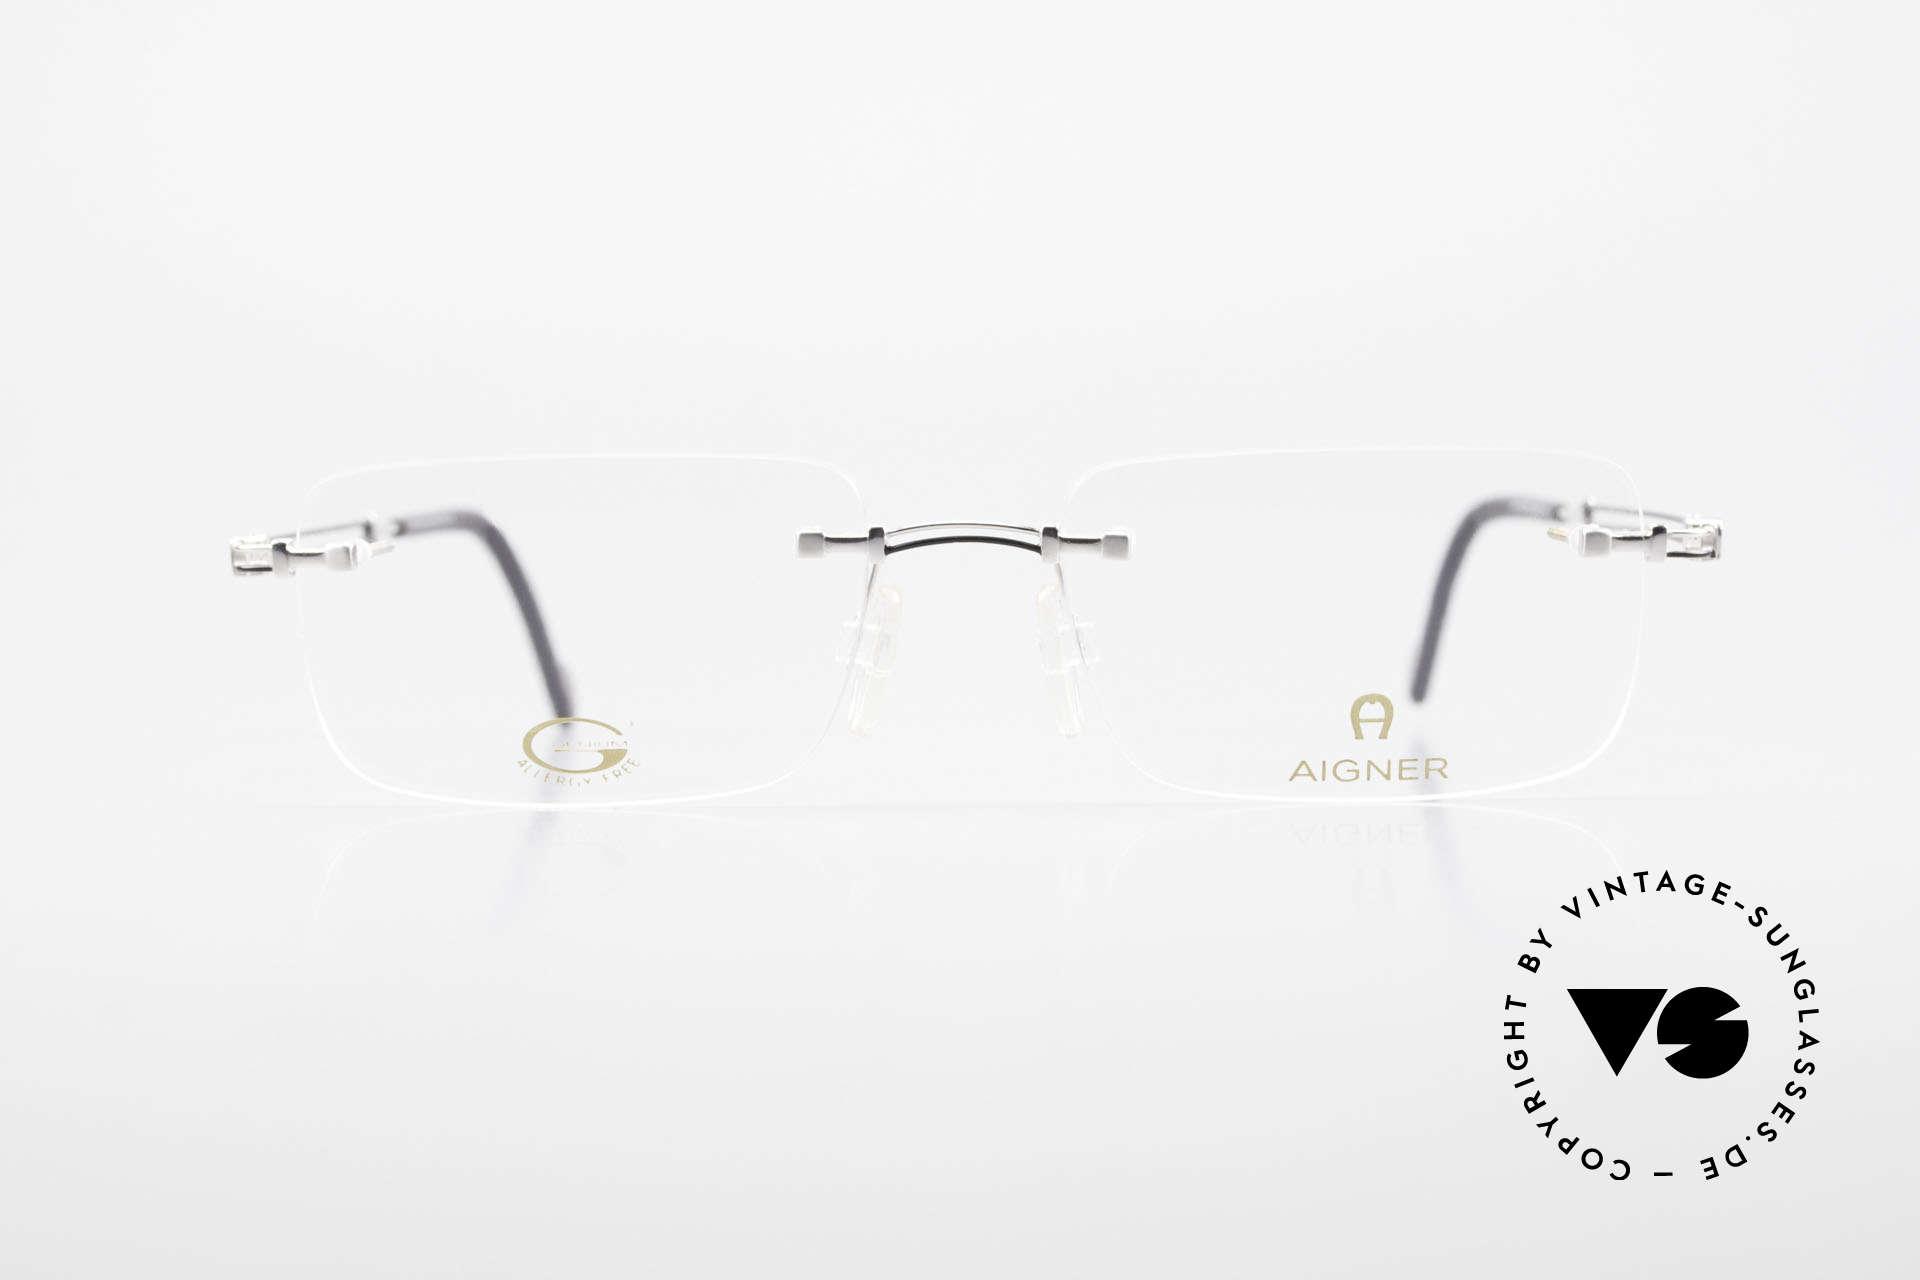 Aigner EA496 Randlose 90er Vintage Brille, eine 90er Aigner Originalbrille in Metzler Kooperation, Passend für Herren